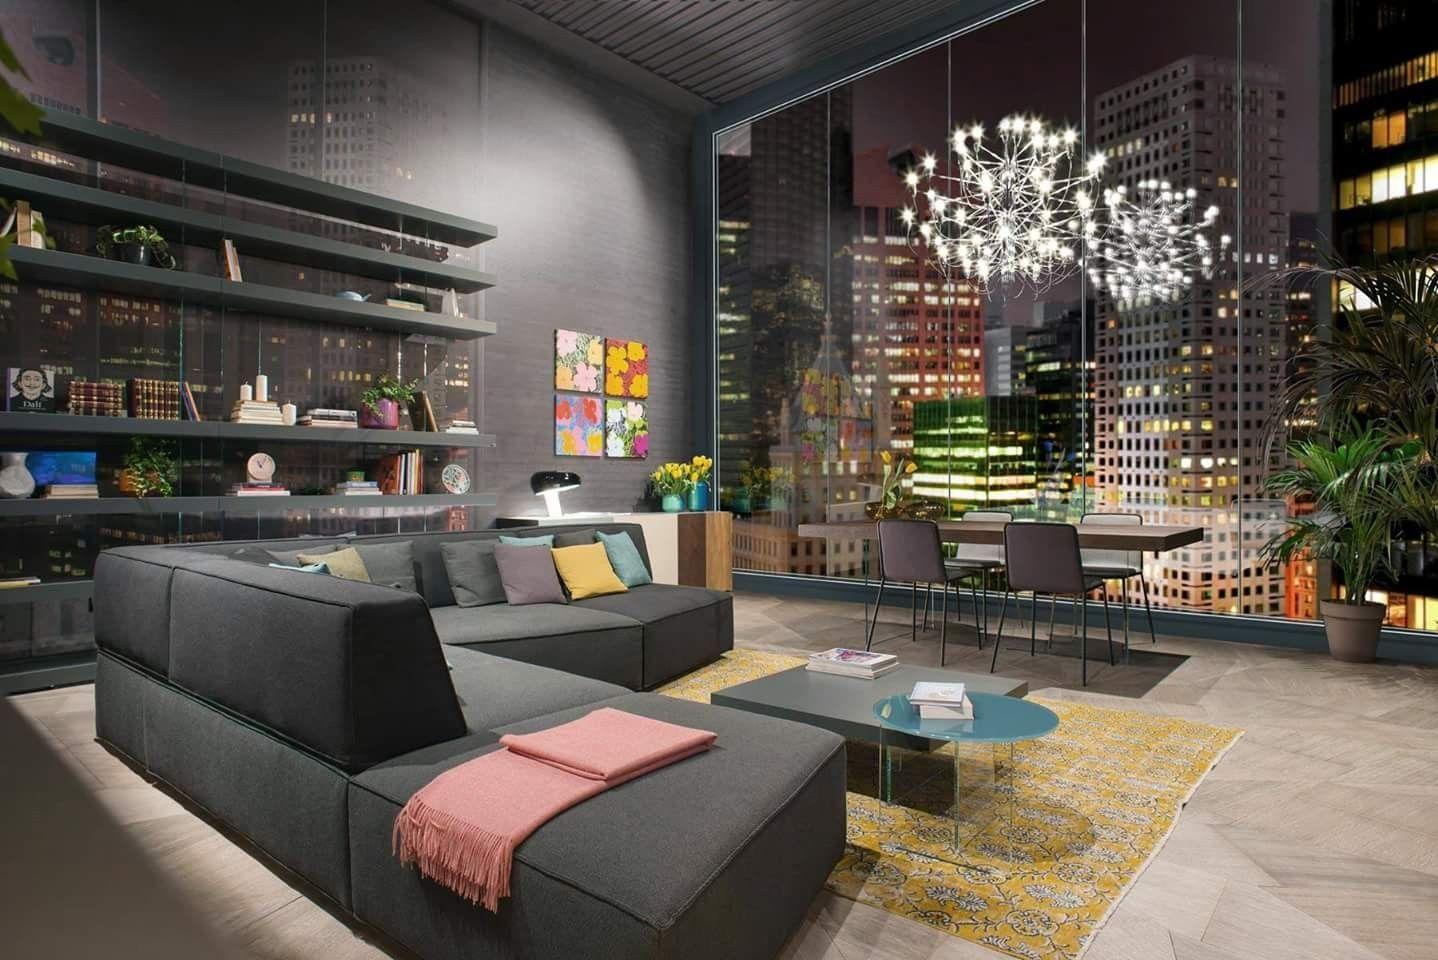 Progettazione di #interni #arredare #facile la #casa con #gusto